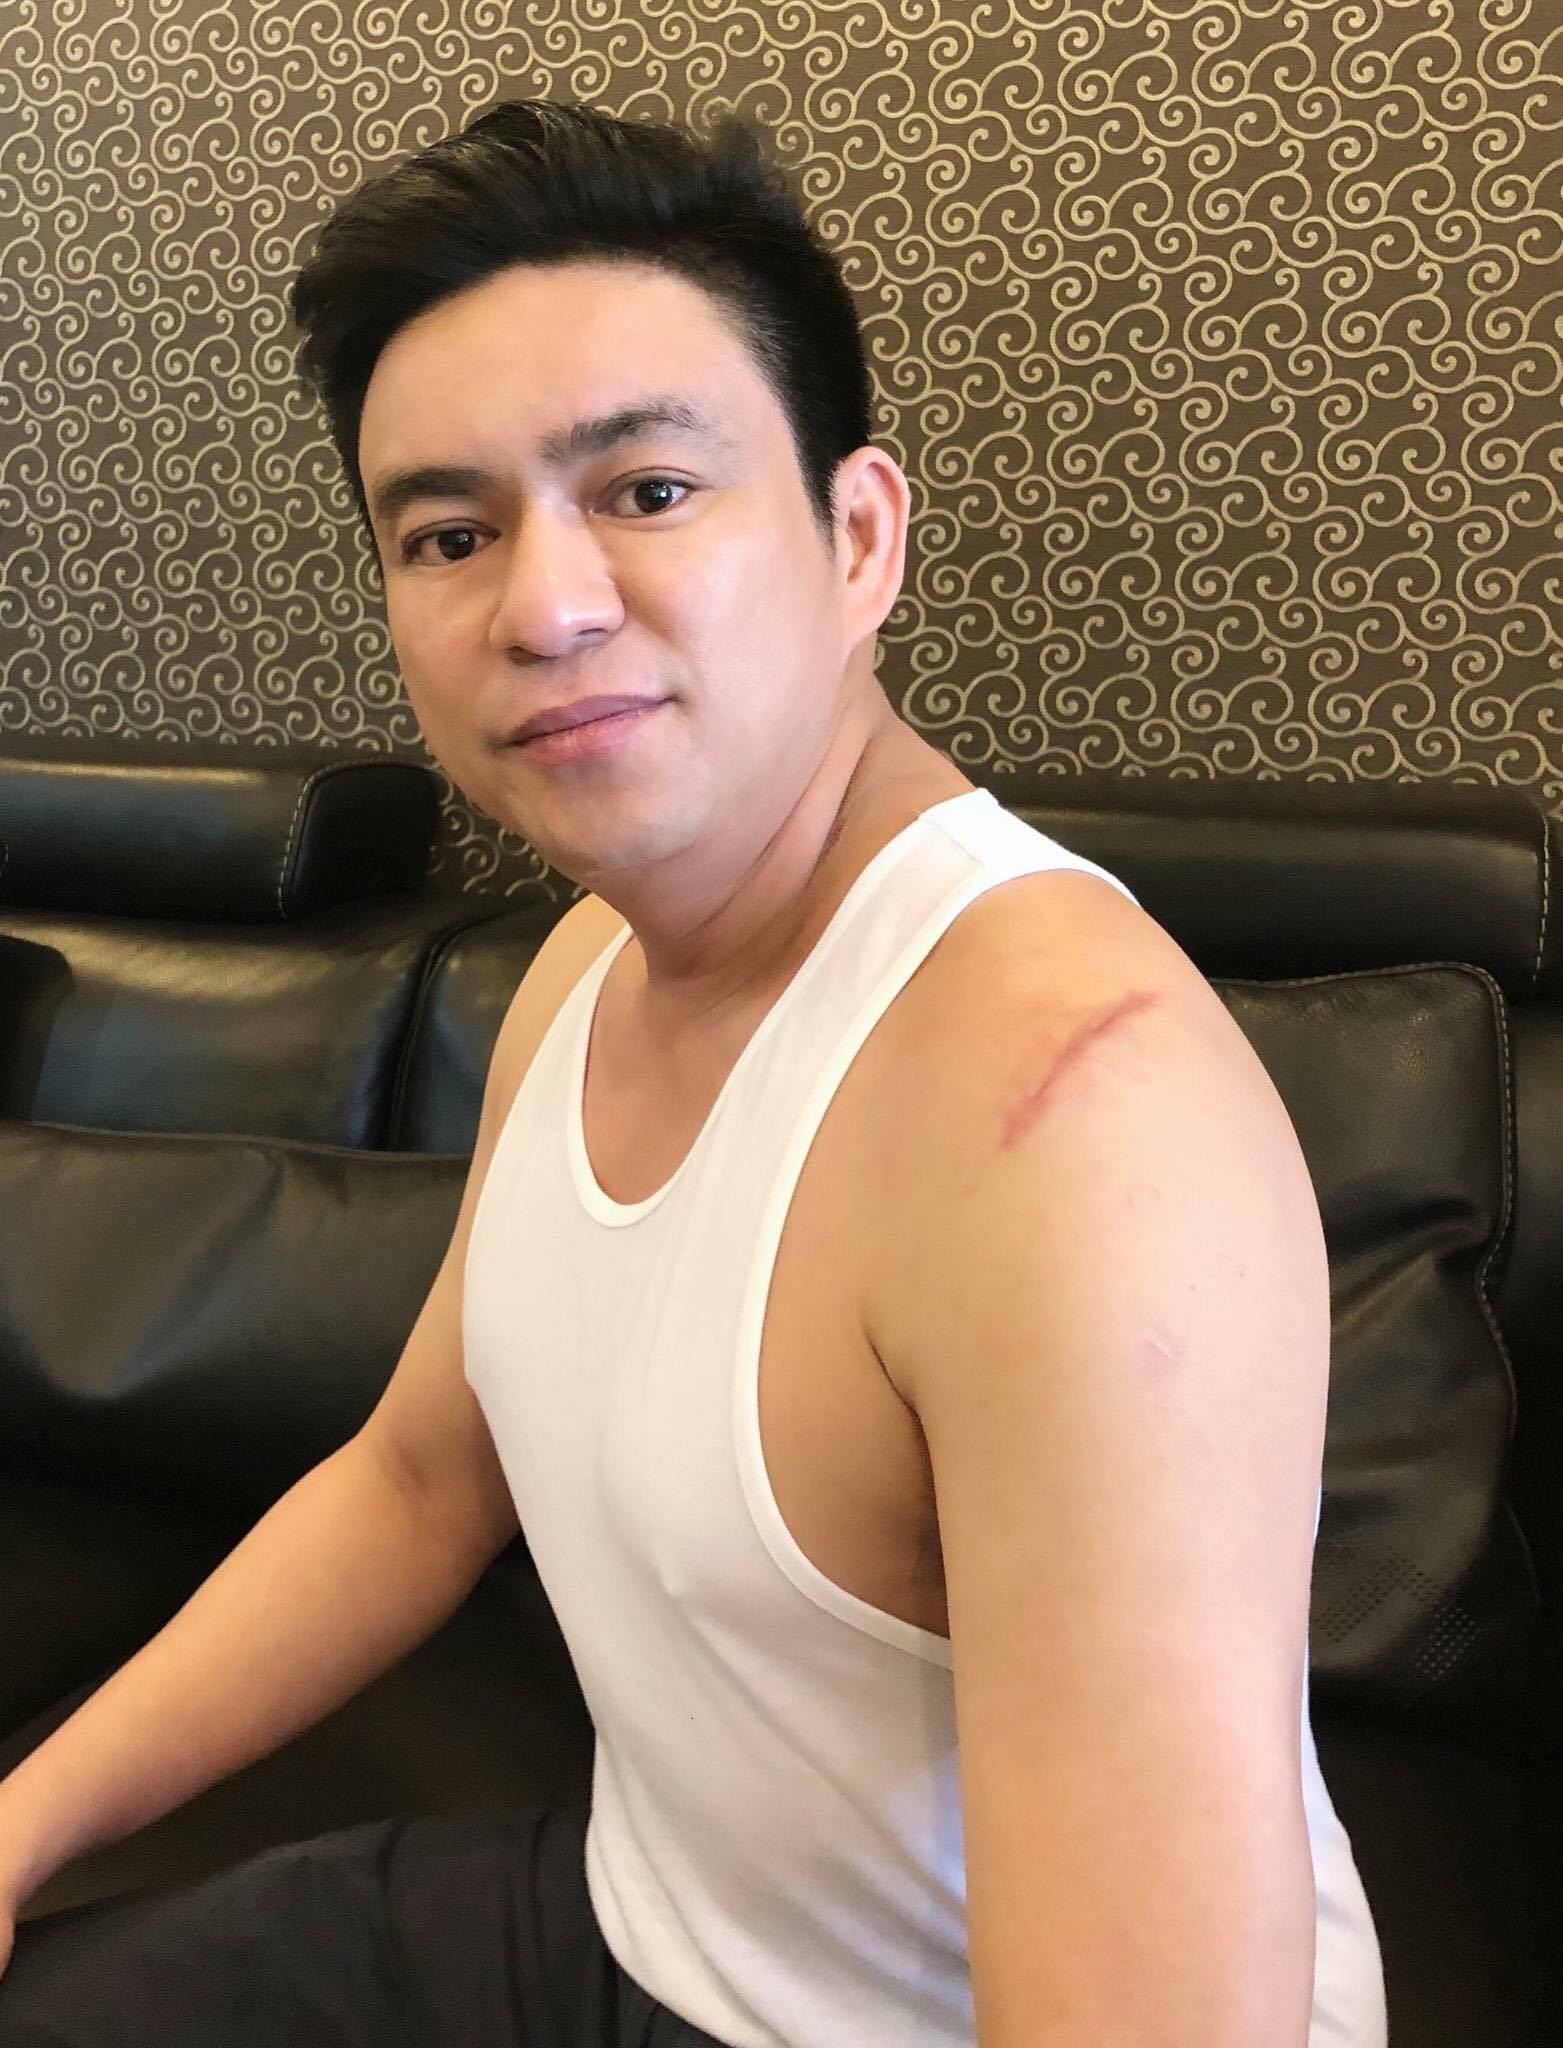 Bác sĩ thẩm mỹ Chiêm Quốc Thái bị truy sát ở trung tâm Sài Gòn, nghi do liên quan đến vợ cũ - Ảnh 1.